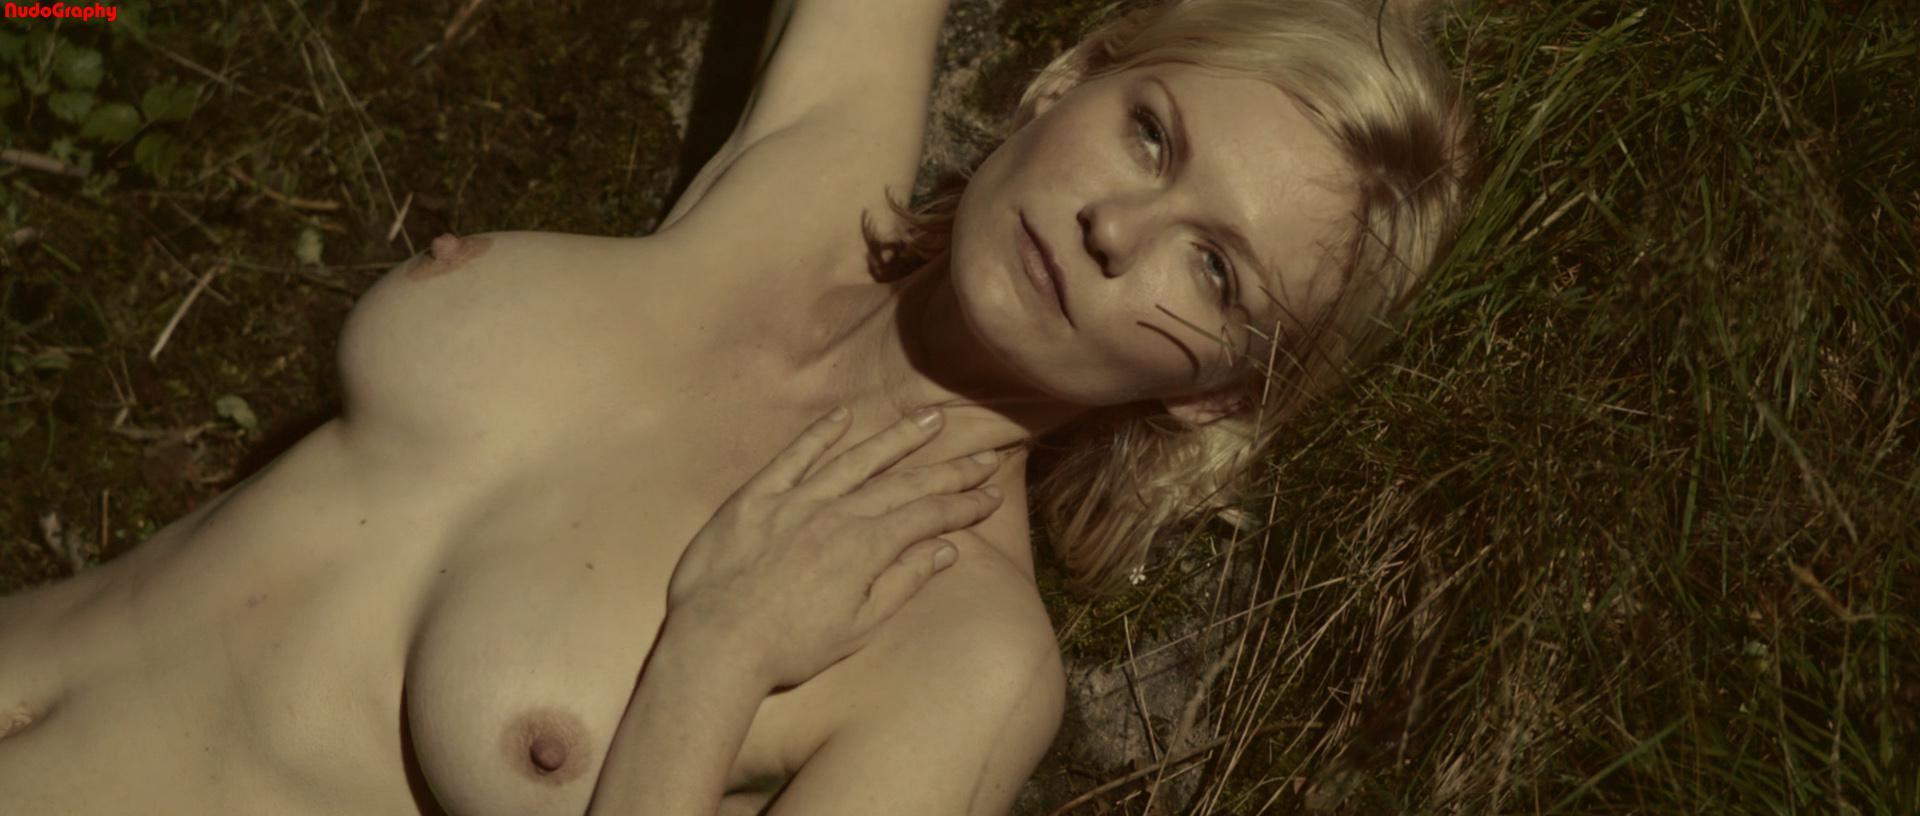 Kirsten Dunst desnuda - Fotos y Vídeos -